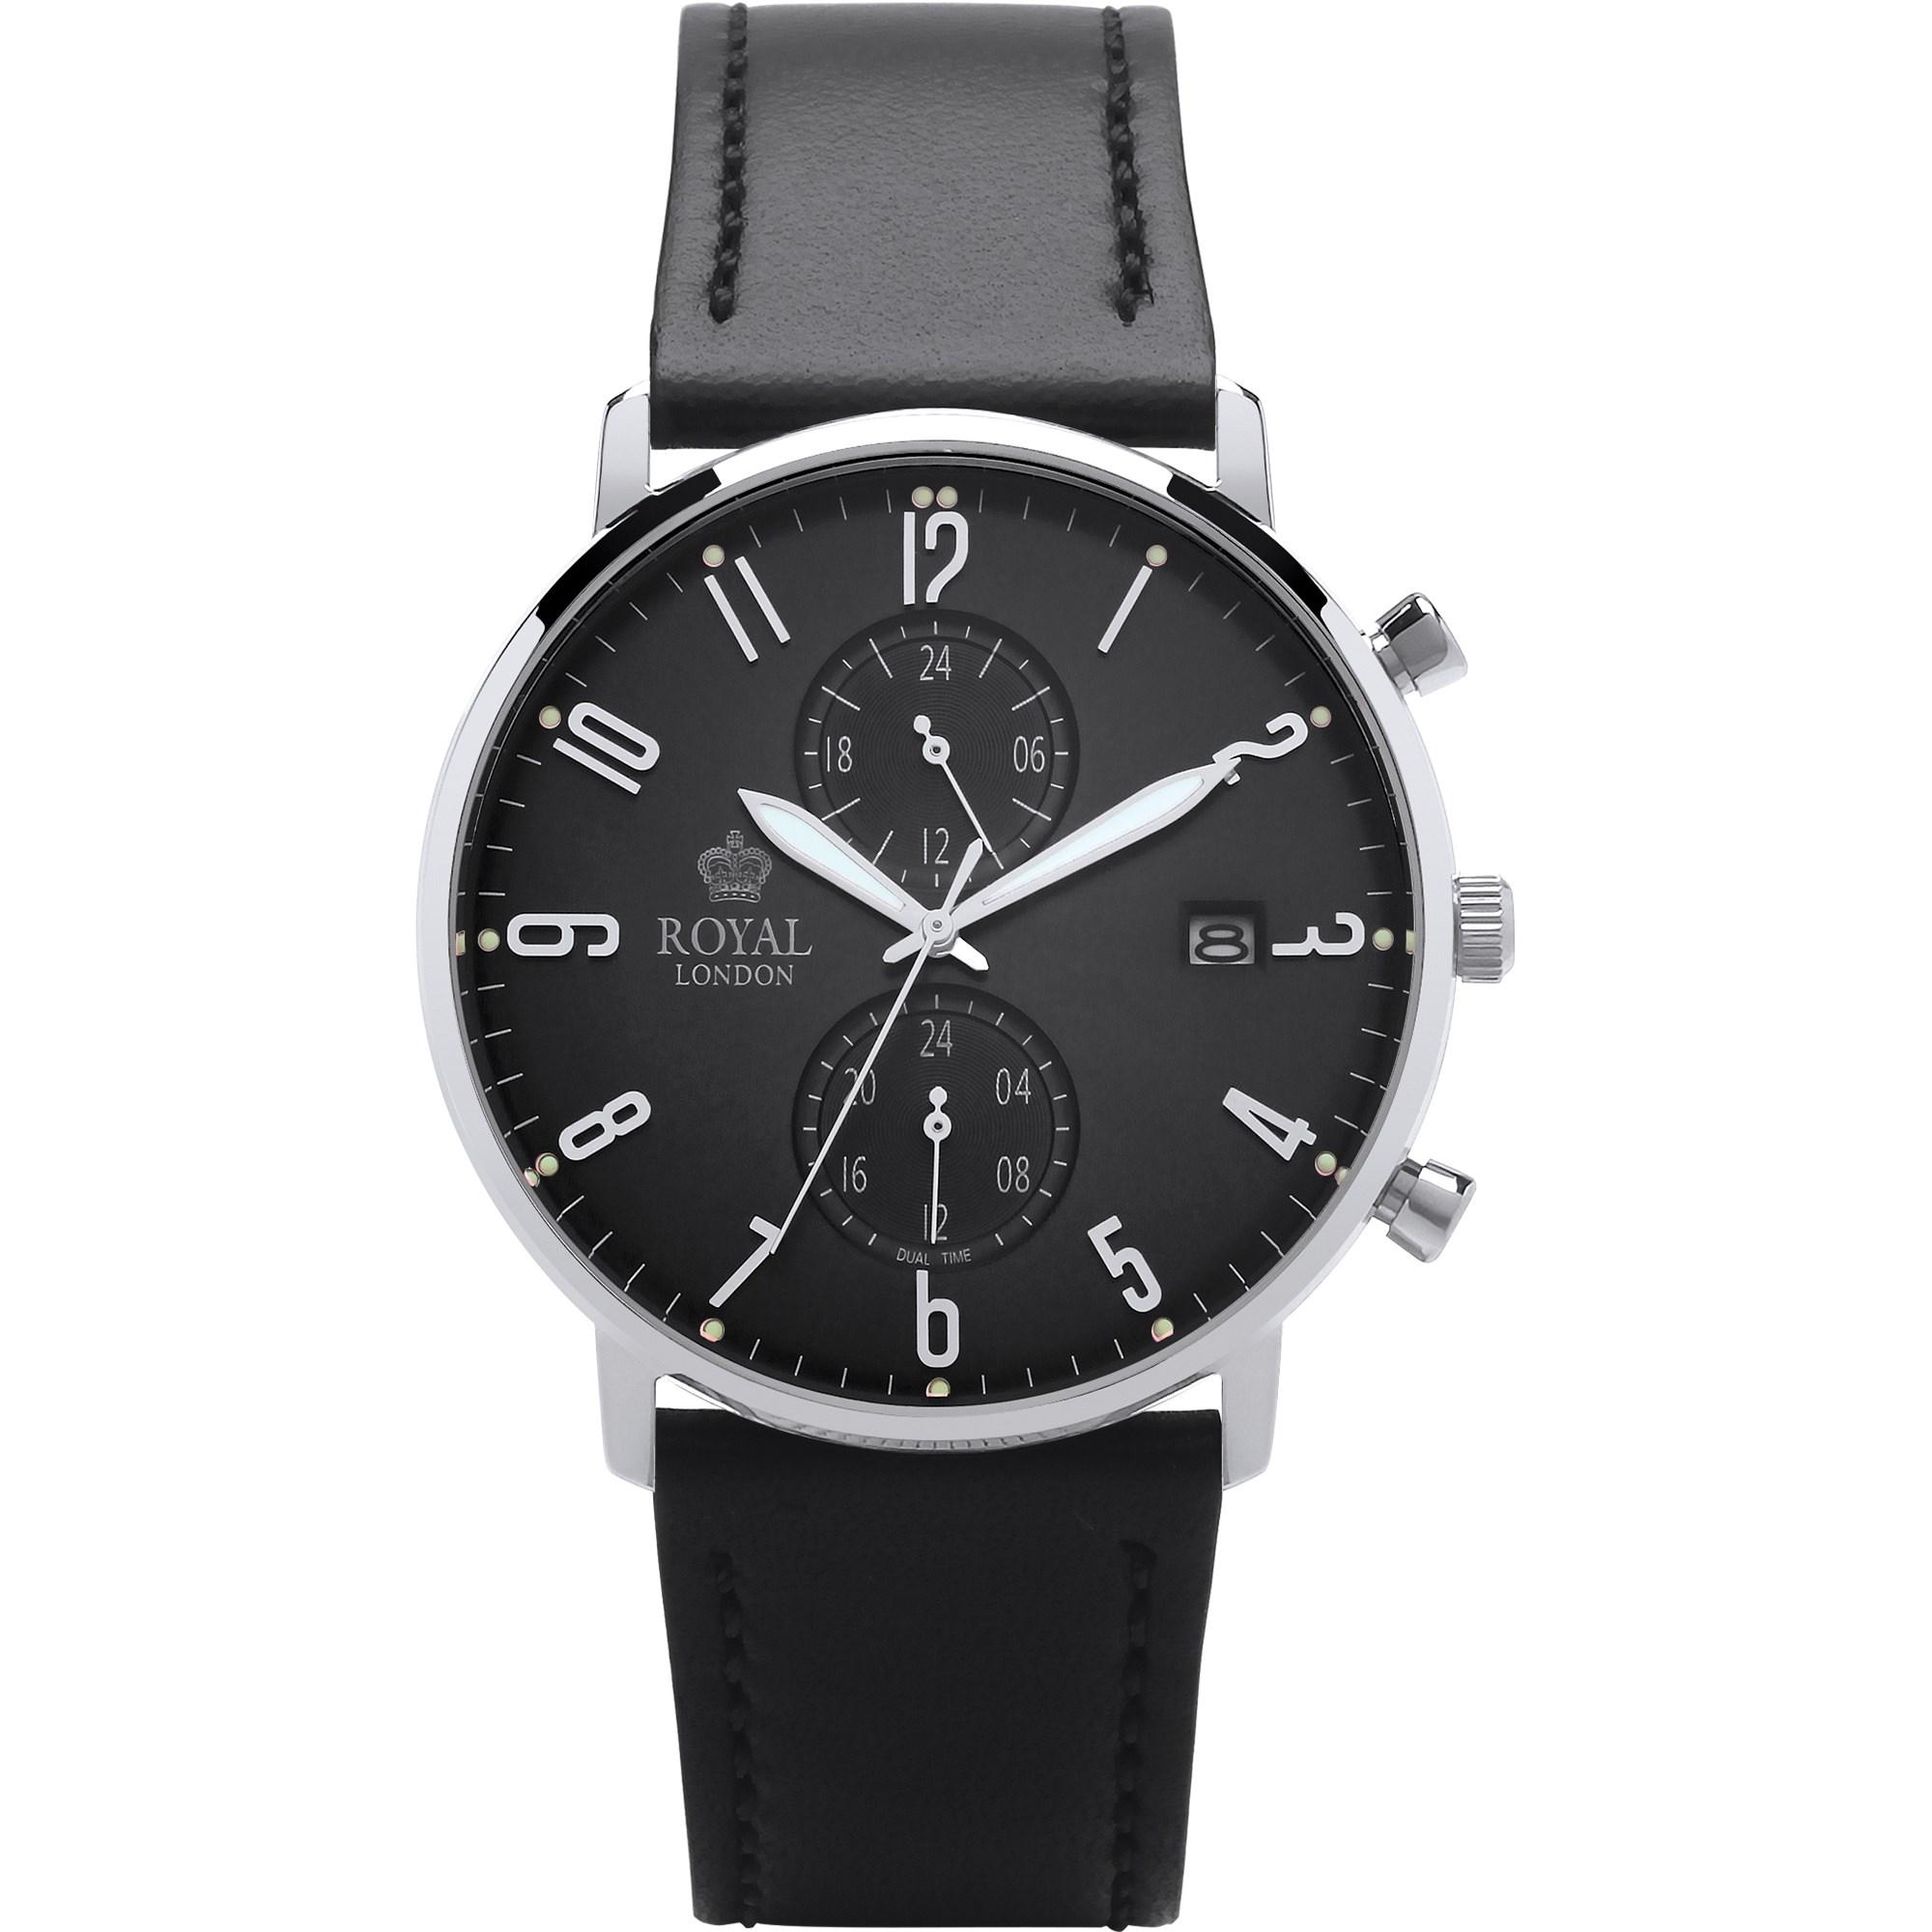 ساعت مچی عقربه ای مردانه رویال لندن مدل RL-41352-02 5